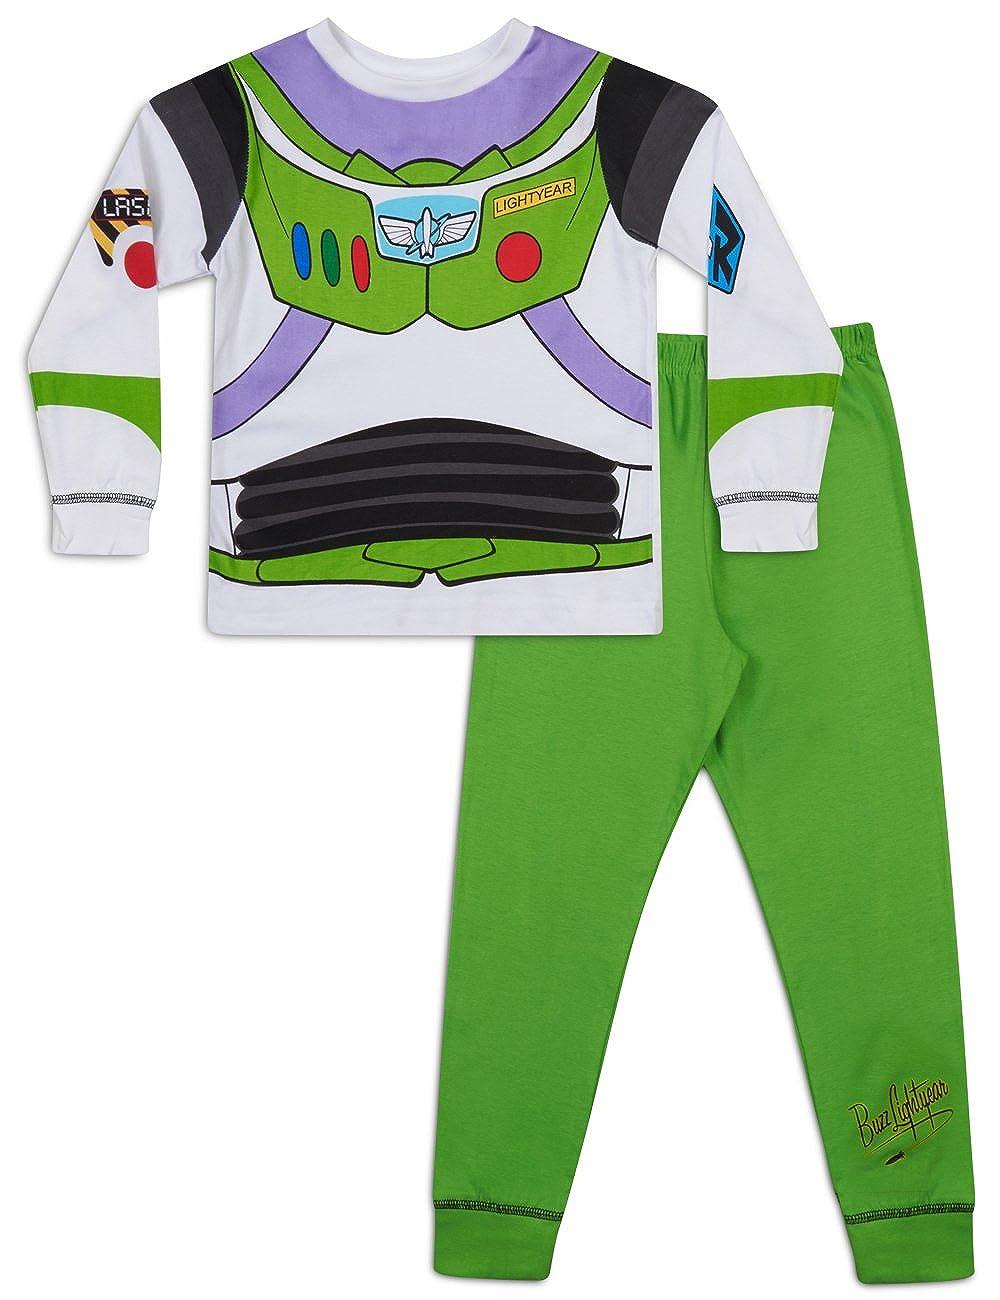 Boys Toy Story Buzz Lightyear Glow in The Dark Snuggle Fit Pyjamas